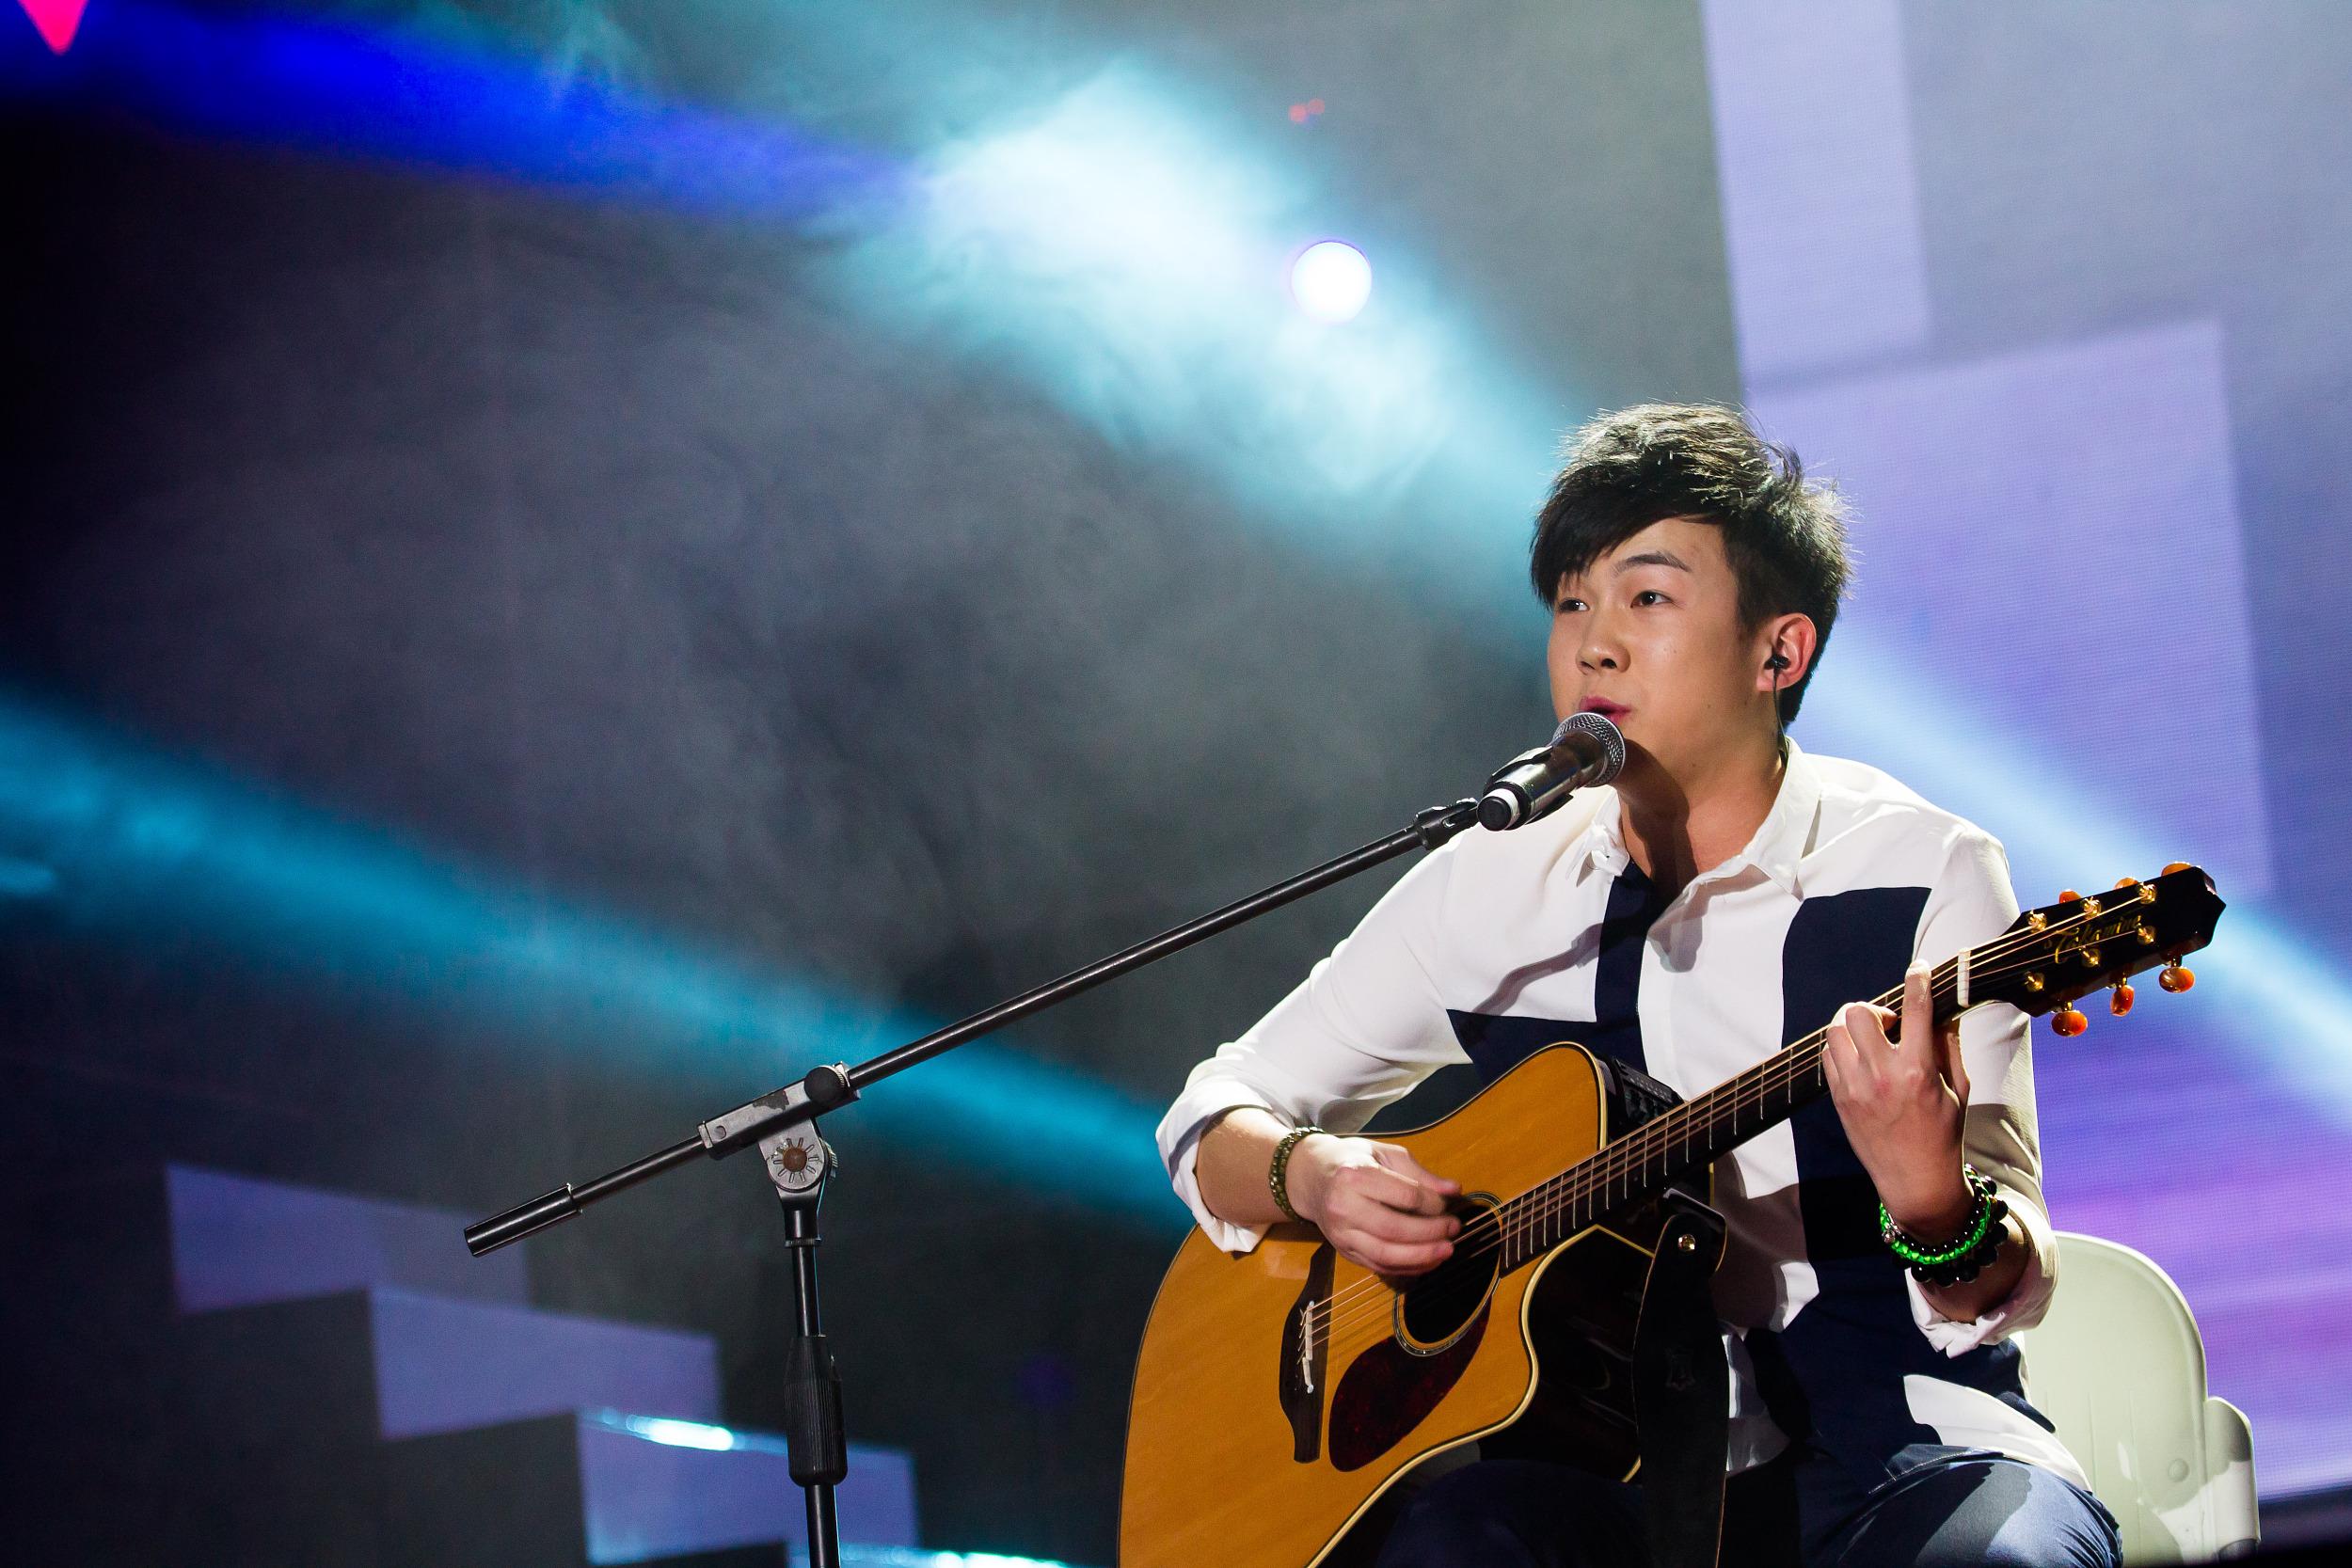 這個出道6年的《快男》季軍,要和汪峰、李榮浩一起搞樂隊?